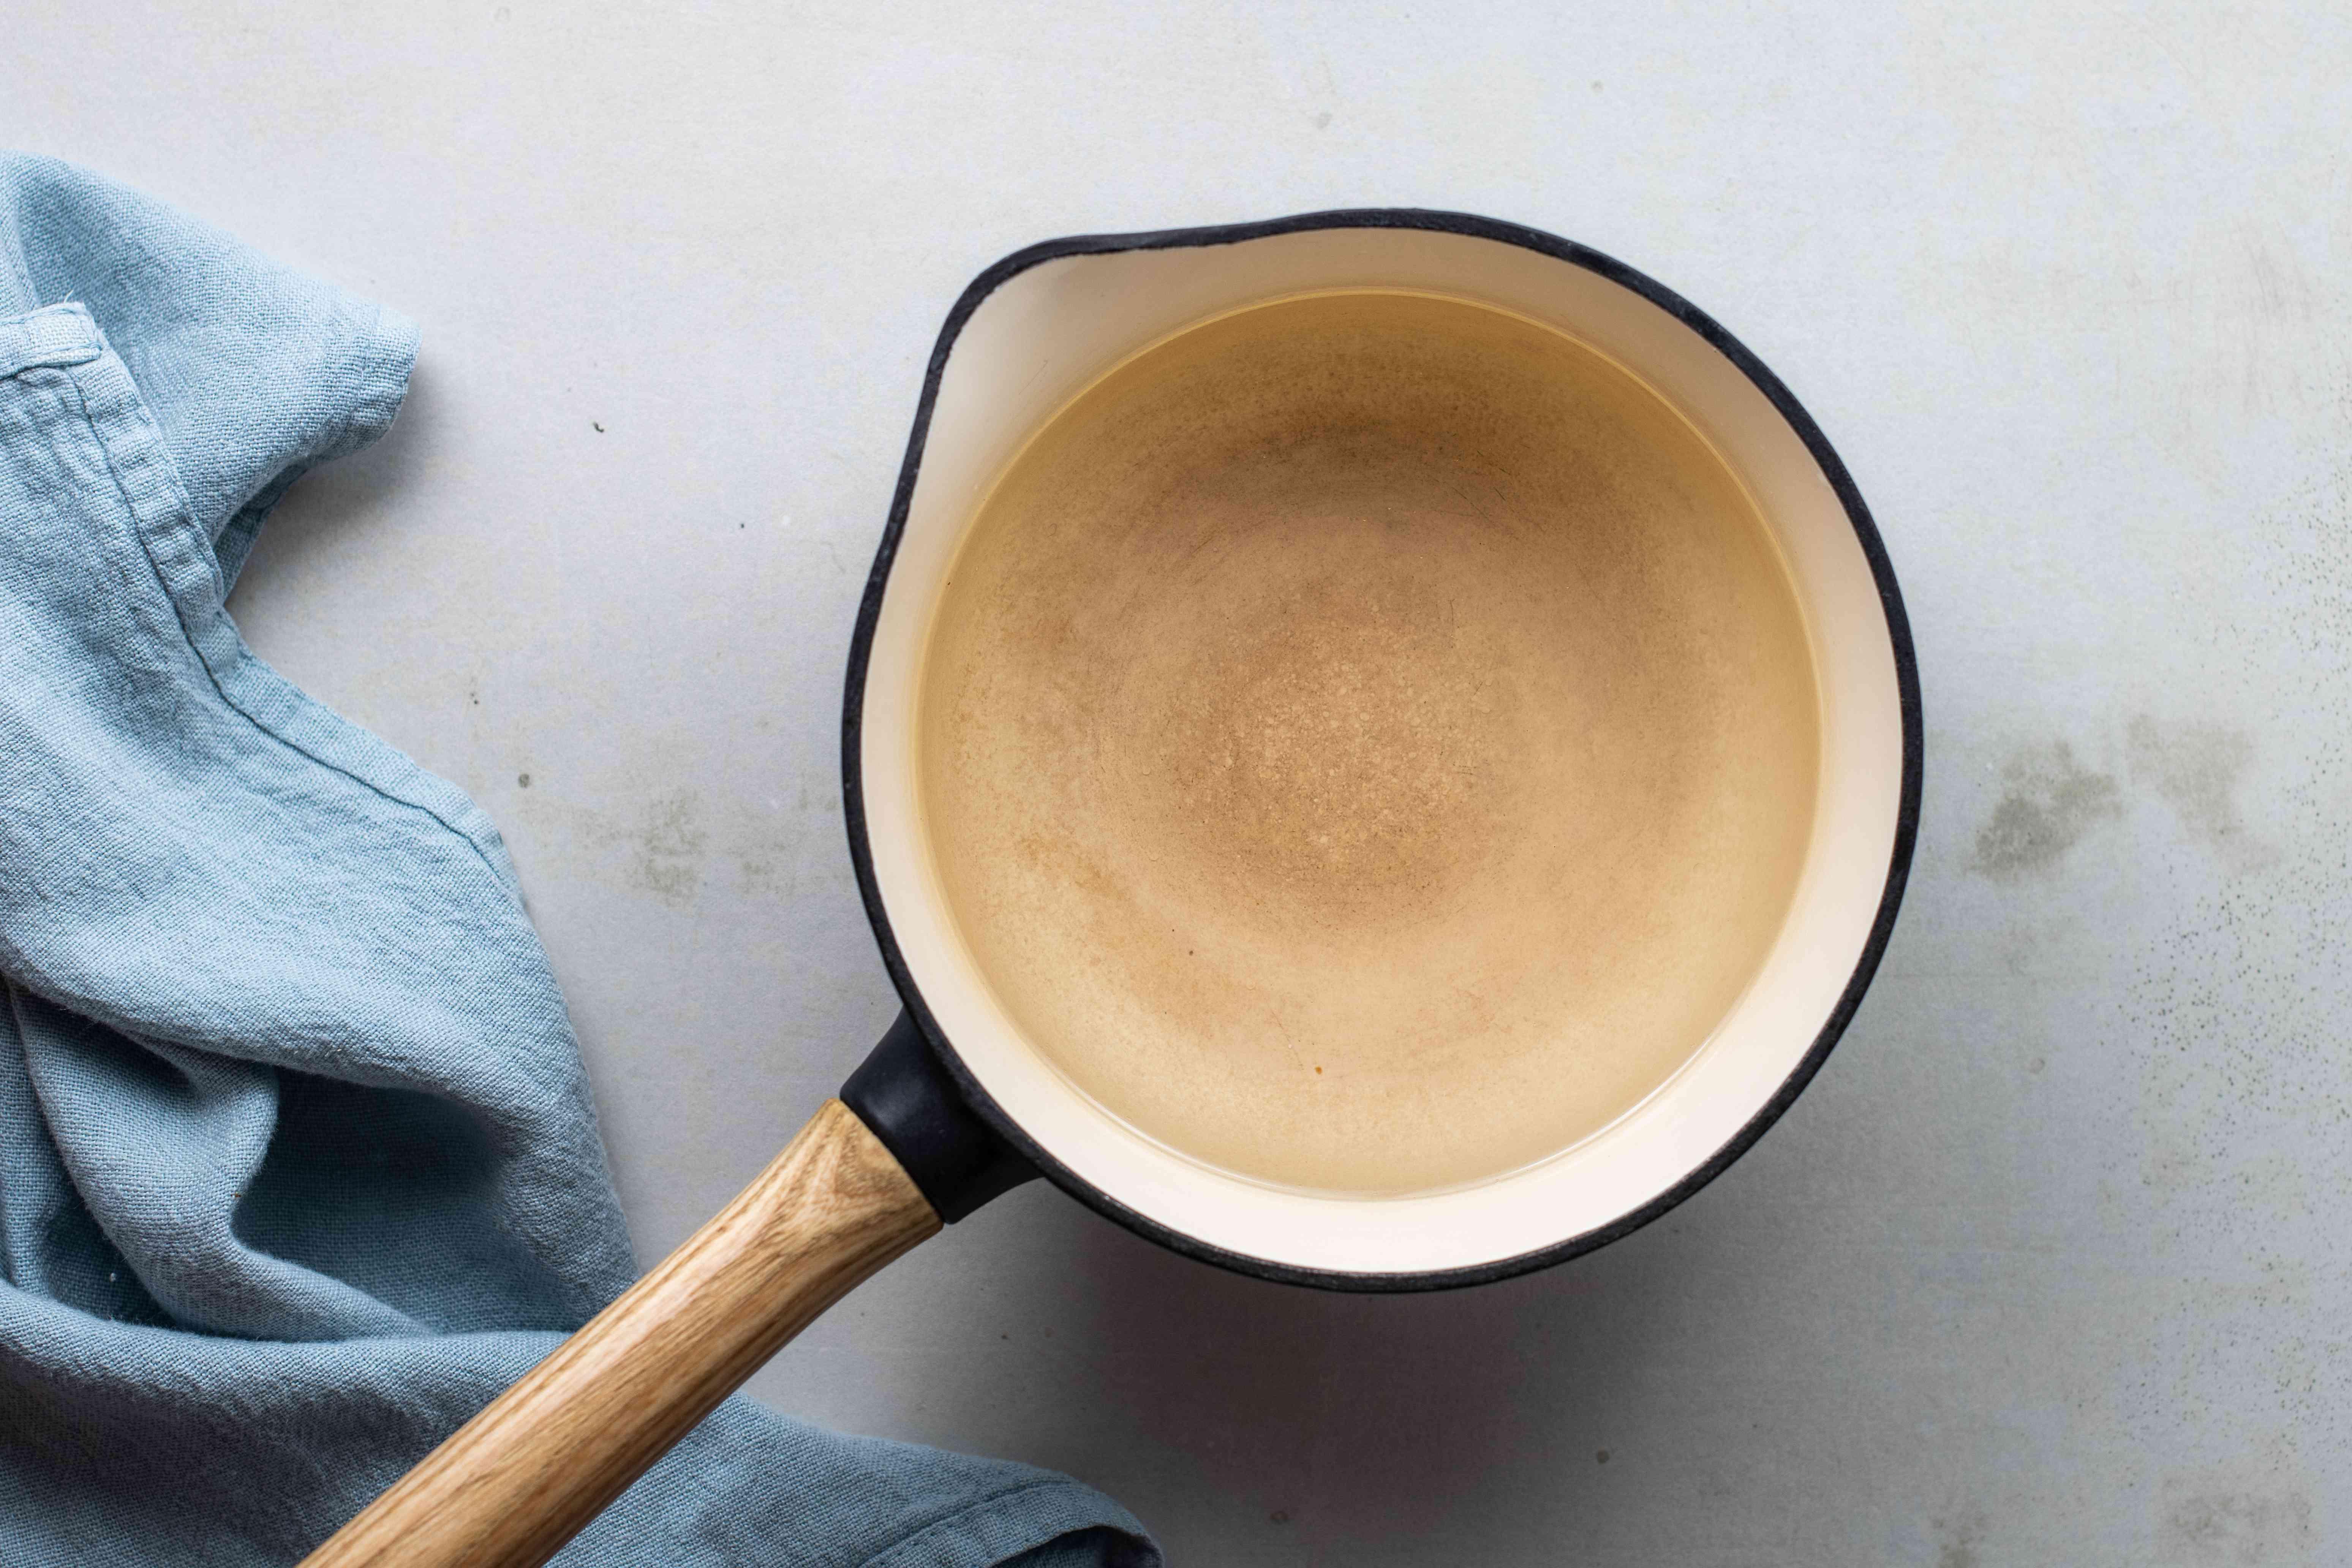 Water in pan